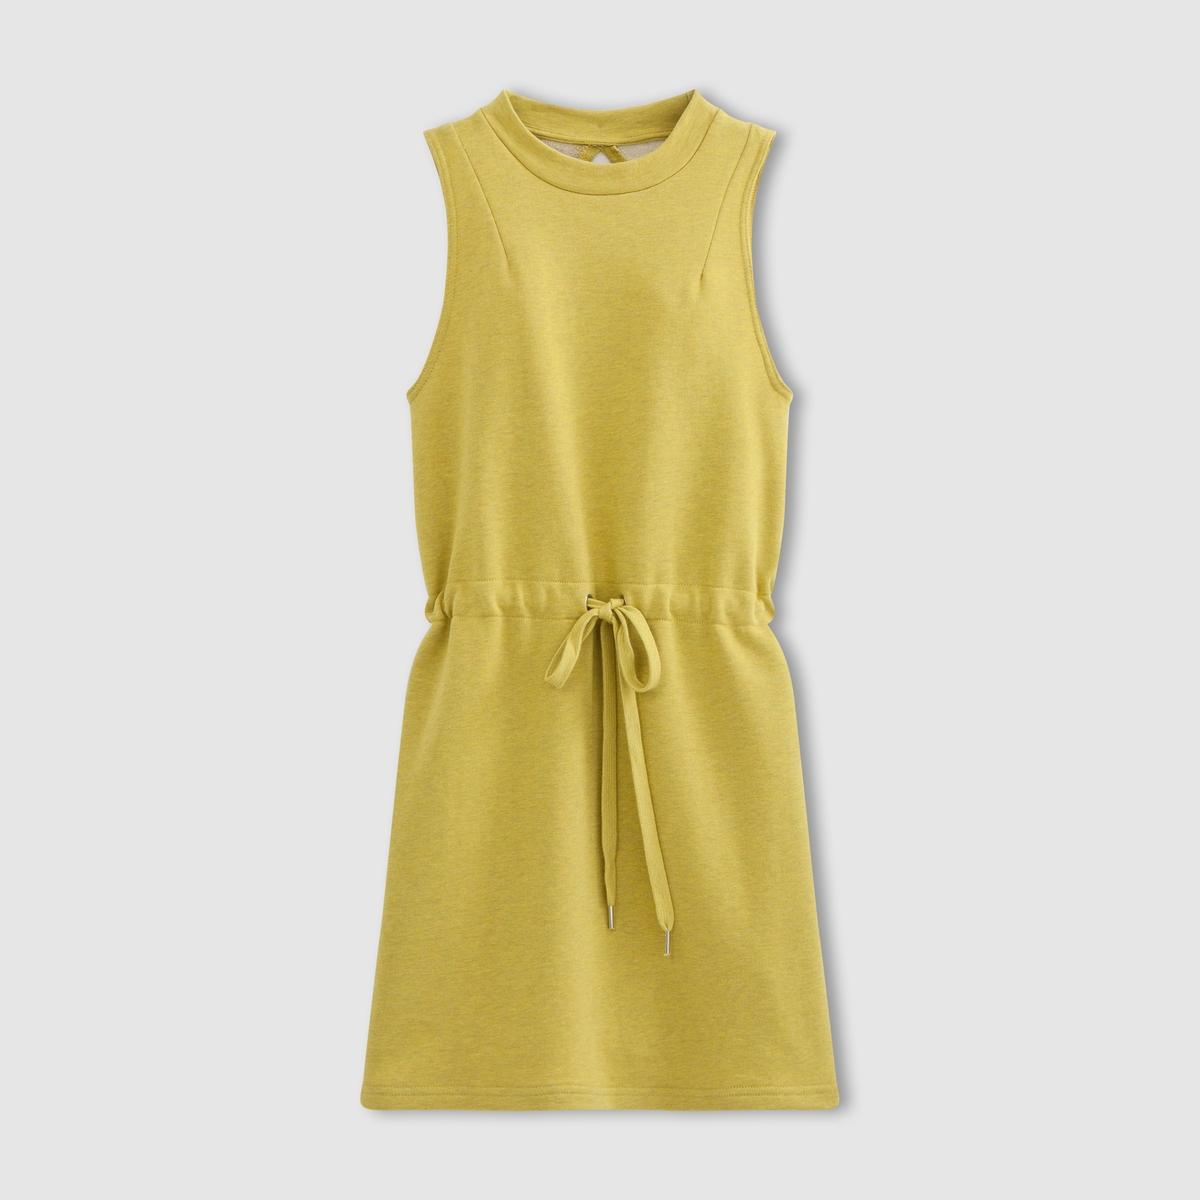 Платье без рукавовПлатье без рукавов CHEAP MONDAY. Круглый вырез. Пояс на завязках. Вырез сзади.Характеристики и описание  Mati?re        75% coton,  25% polyester Марка: CHEAP MONDAY.<br><br>Цвет: желтый<br>Размер: M